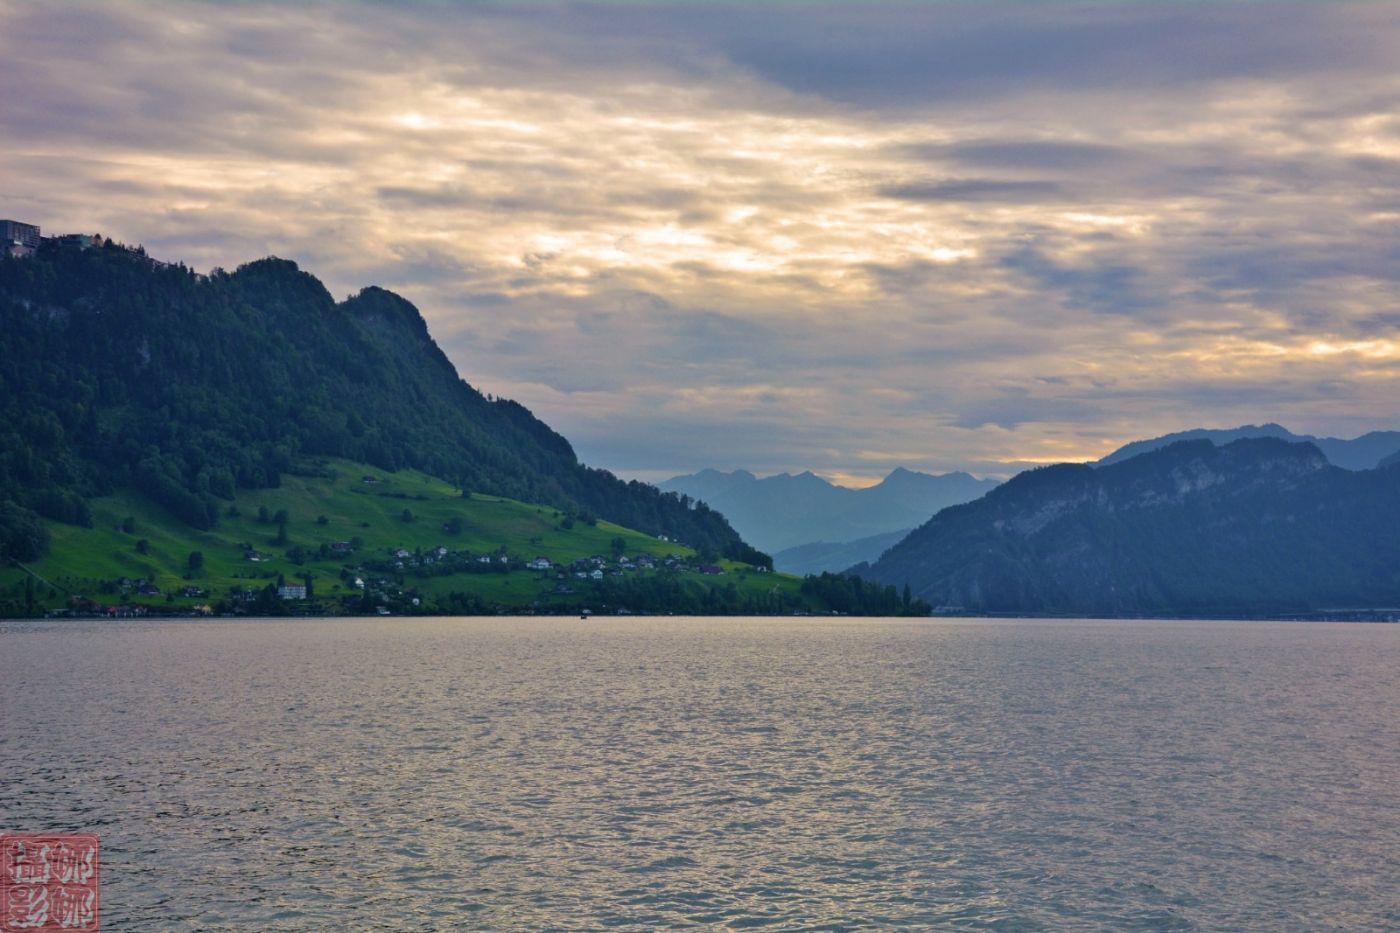 瑞士卢塞恩湖畔风光(二)_图1-5